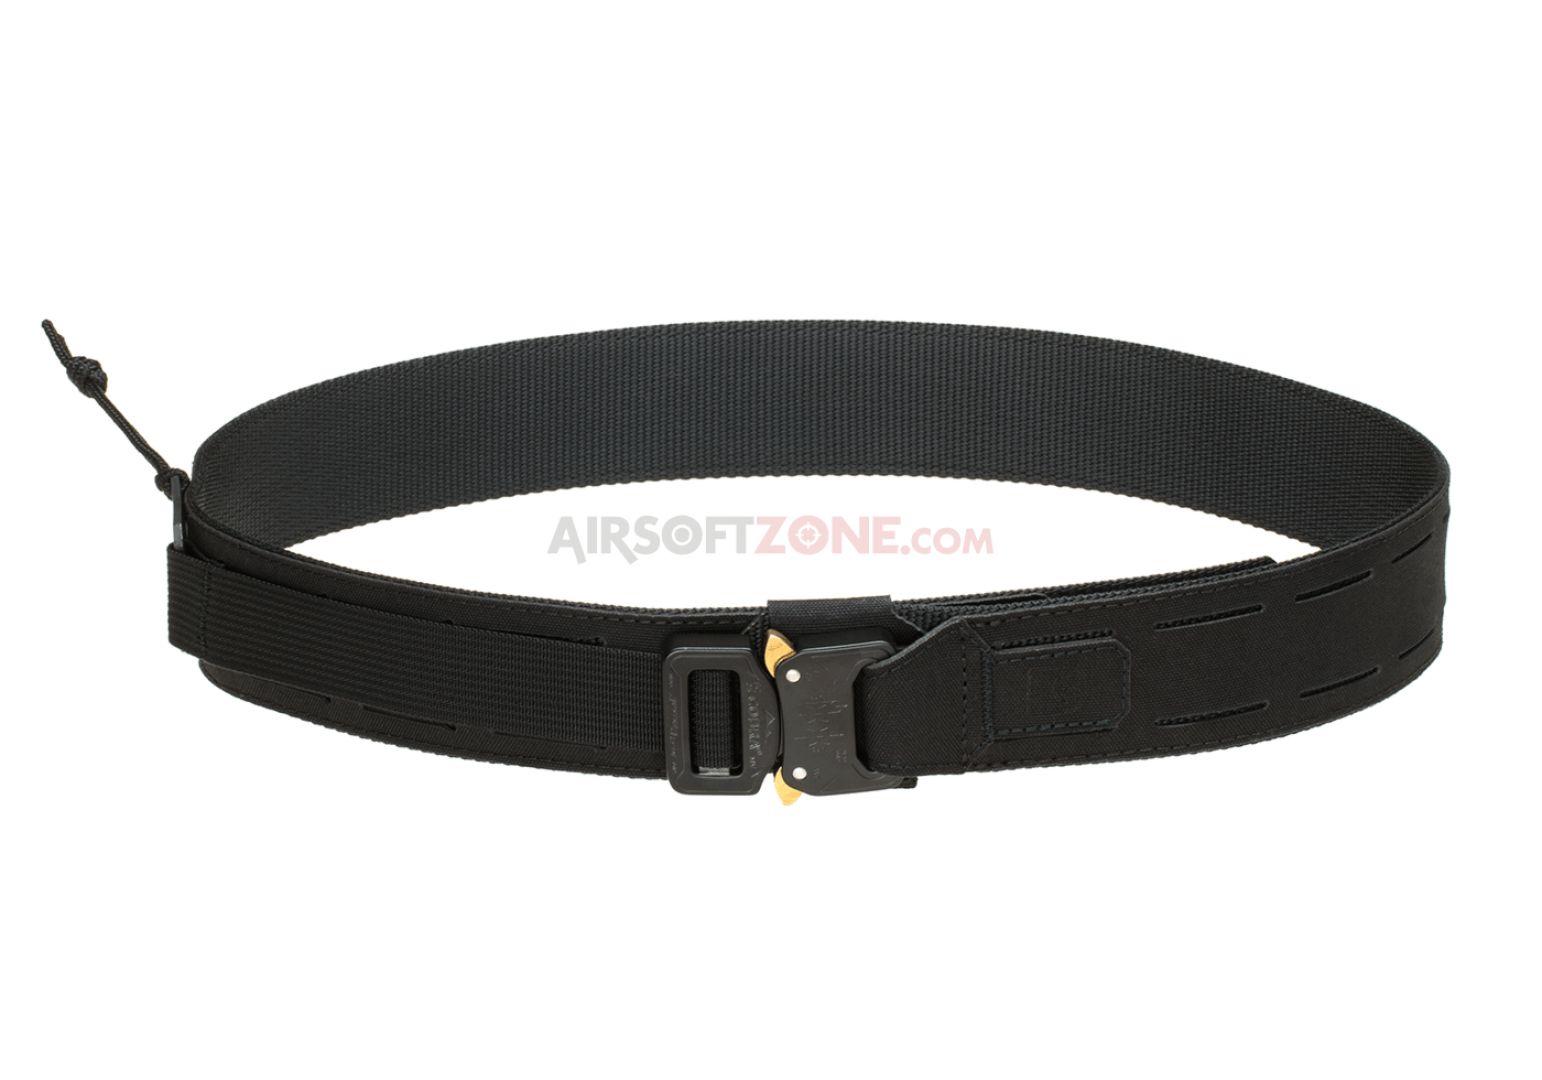 Cintura KD one belt BK